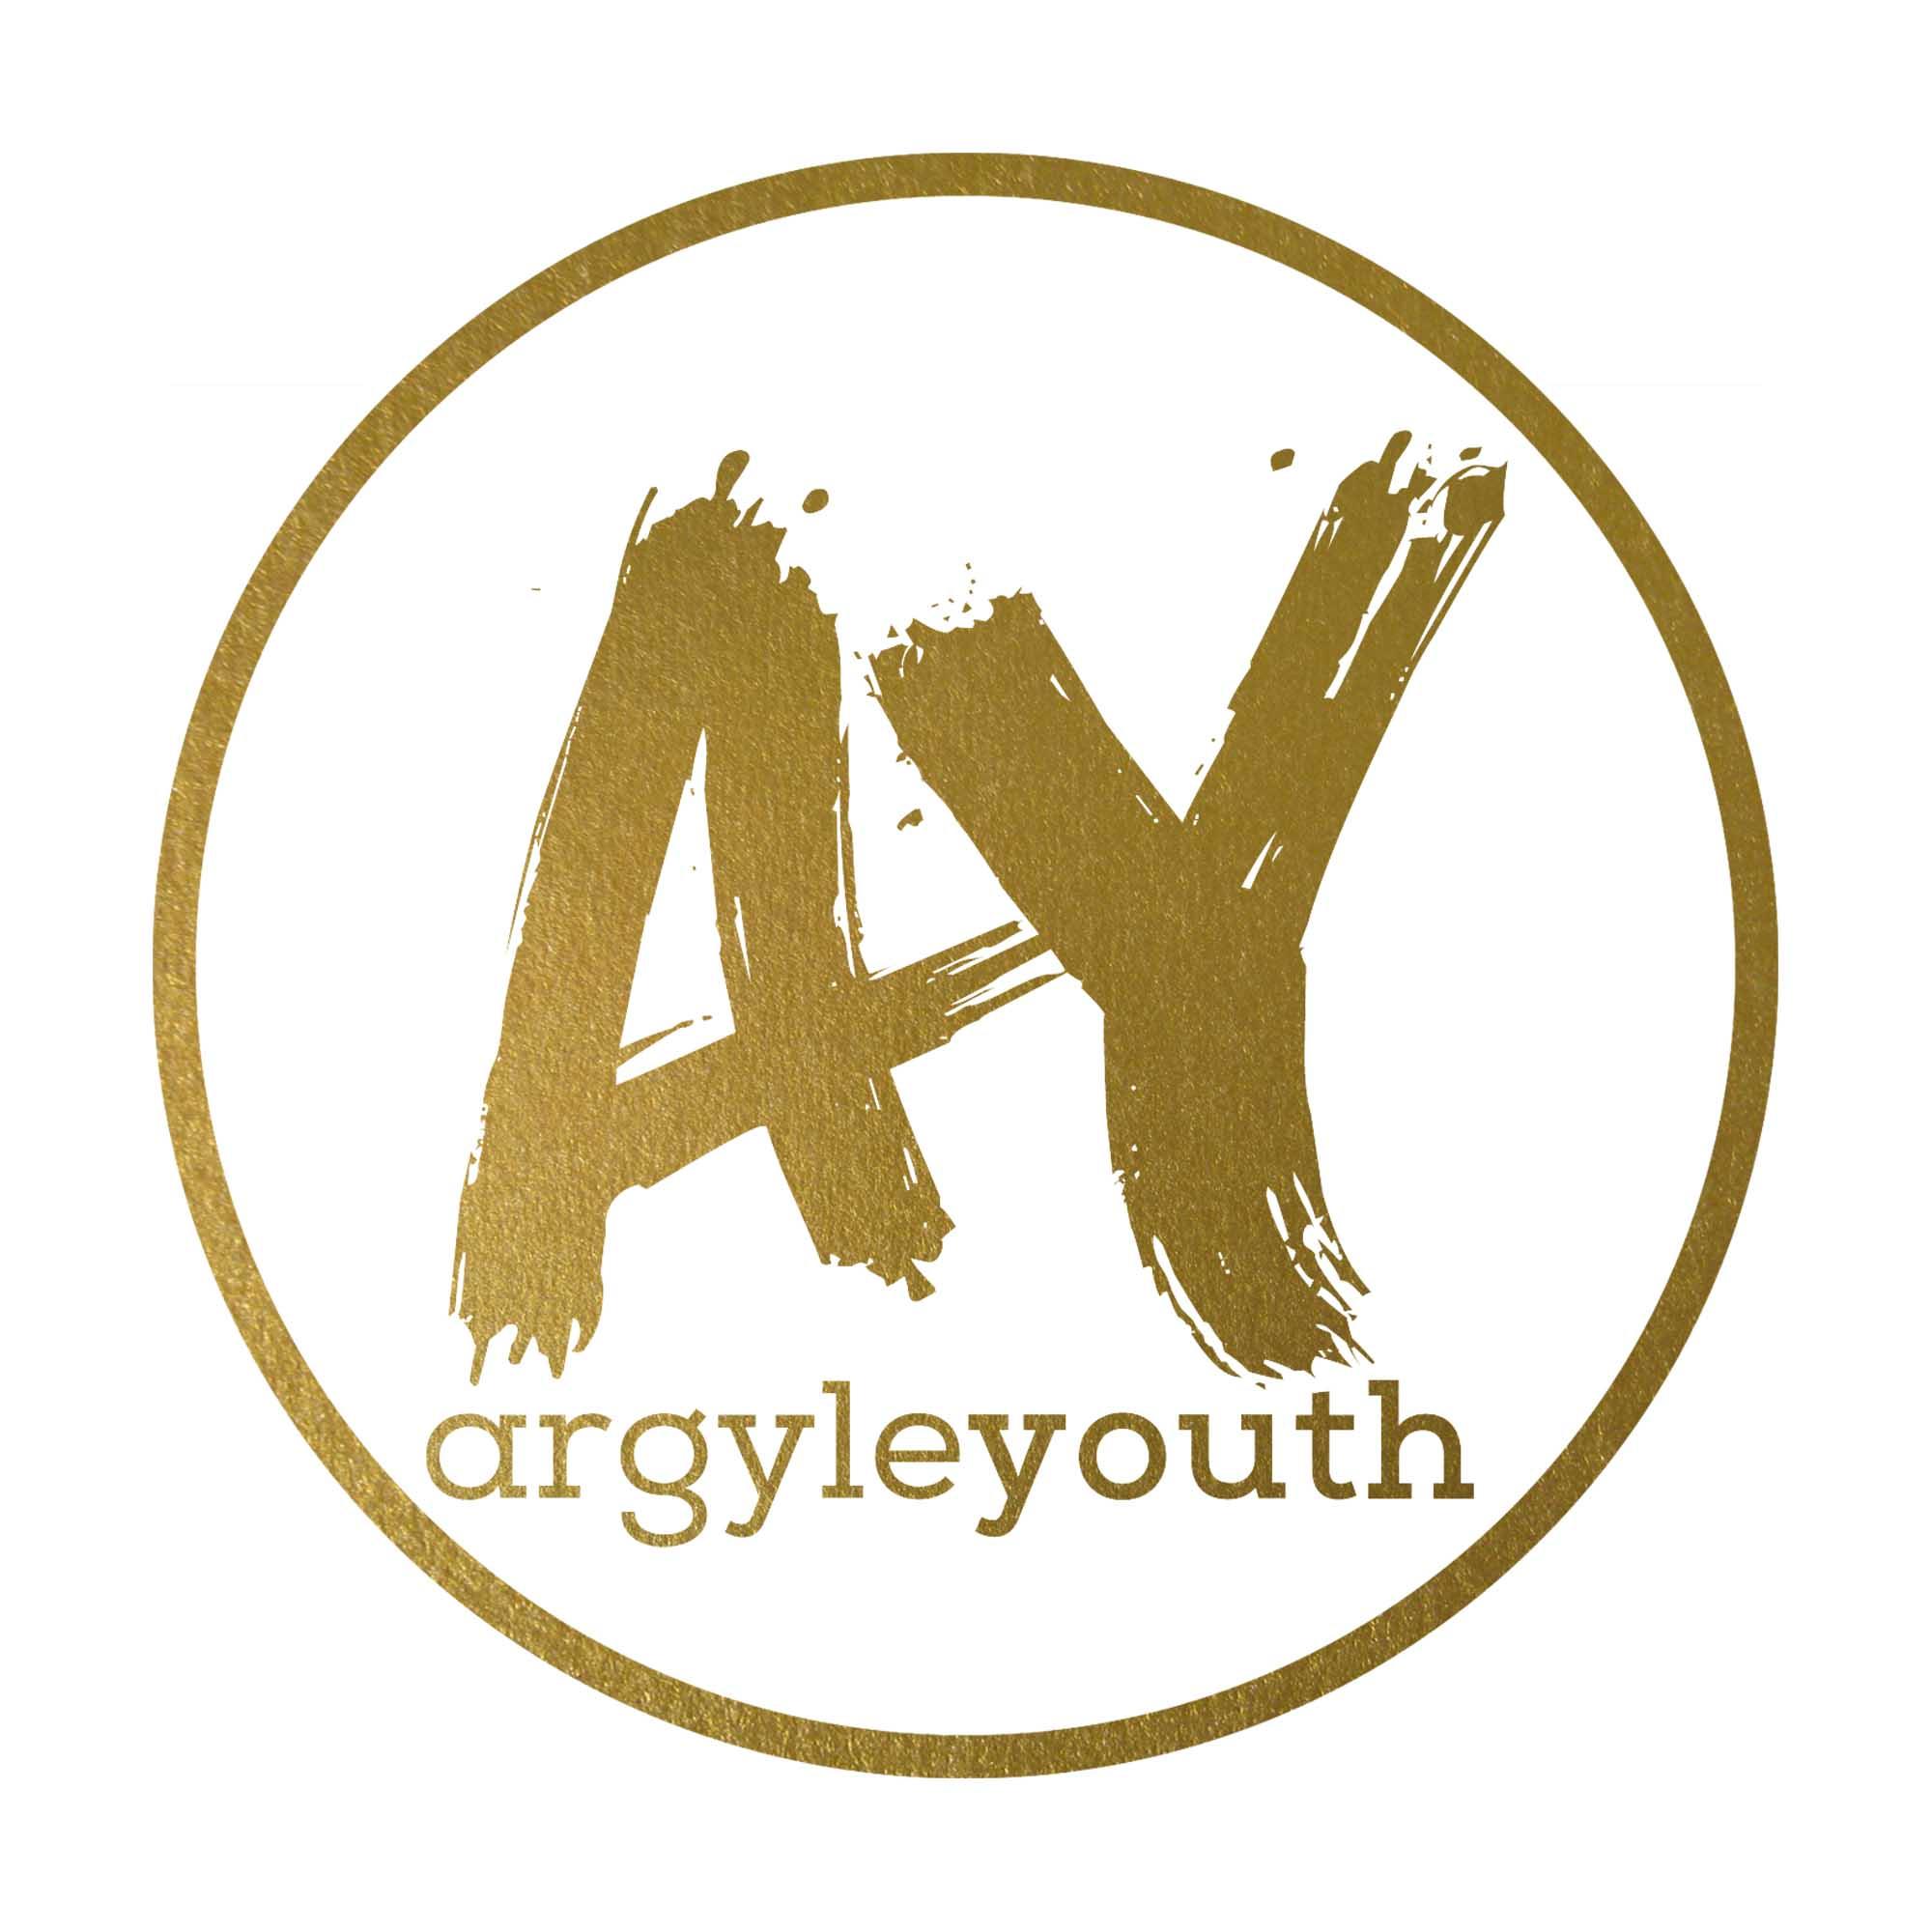 ArgyleYouthLogo.jpg